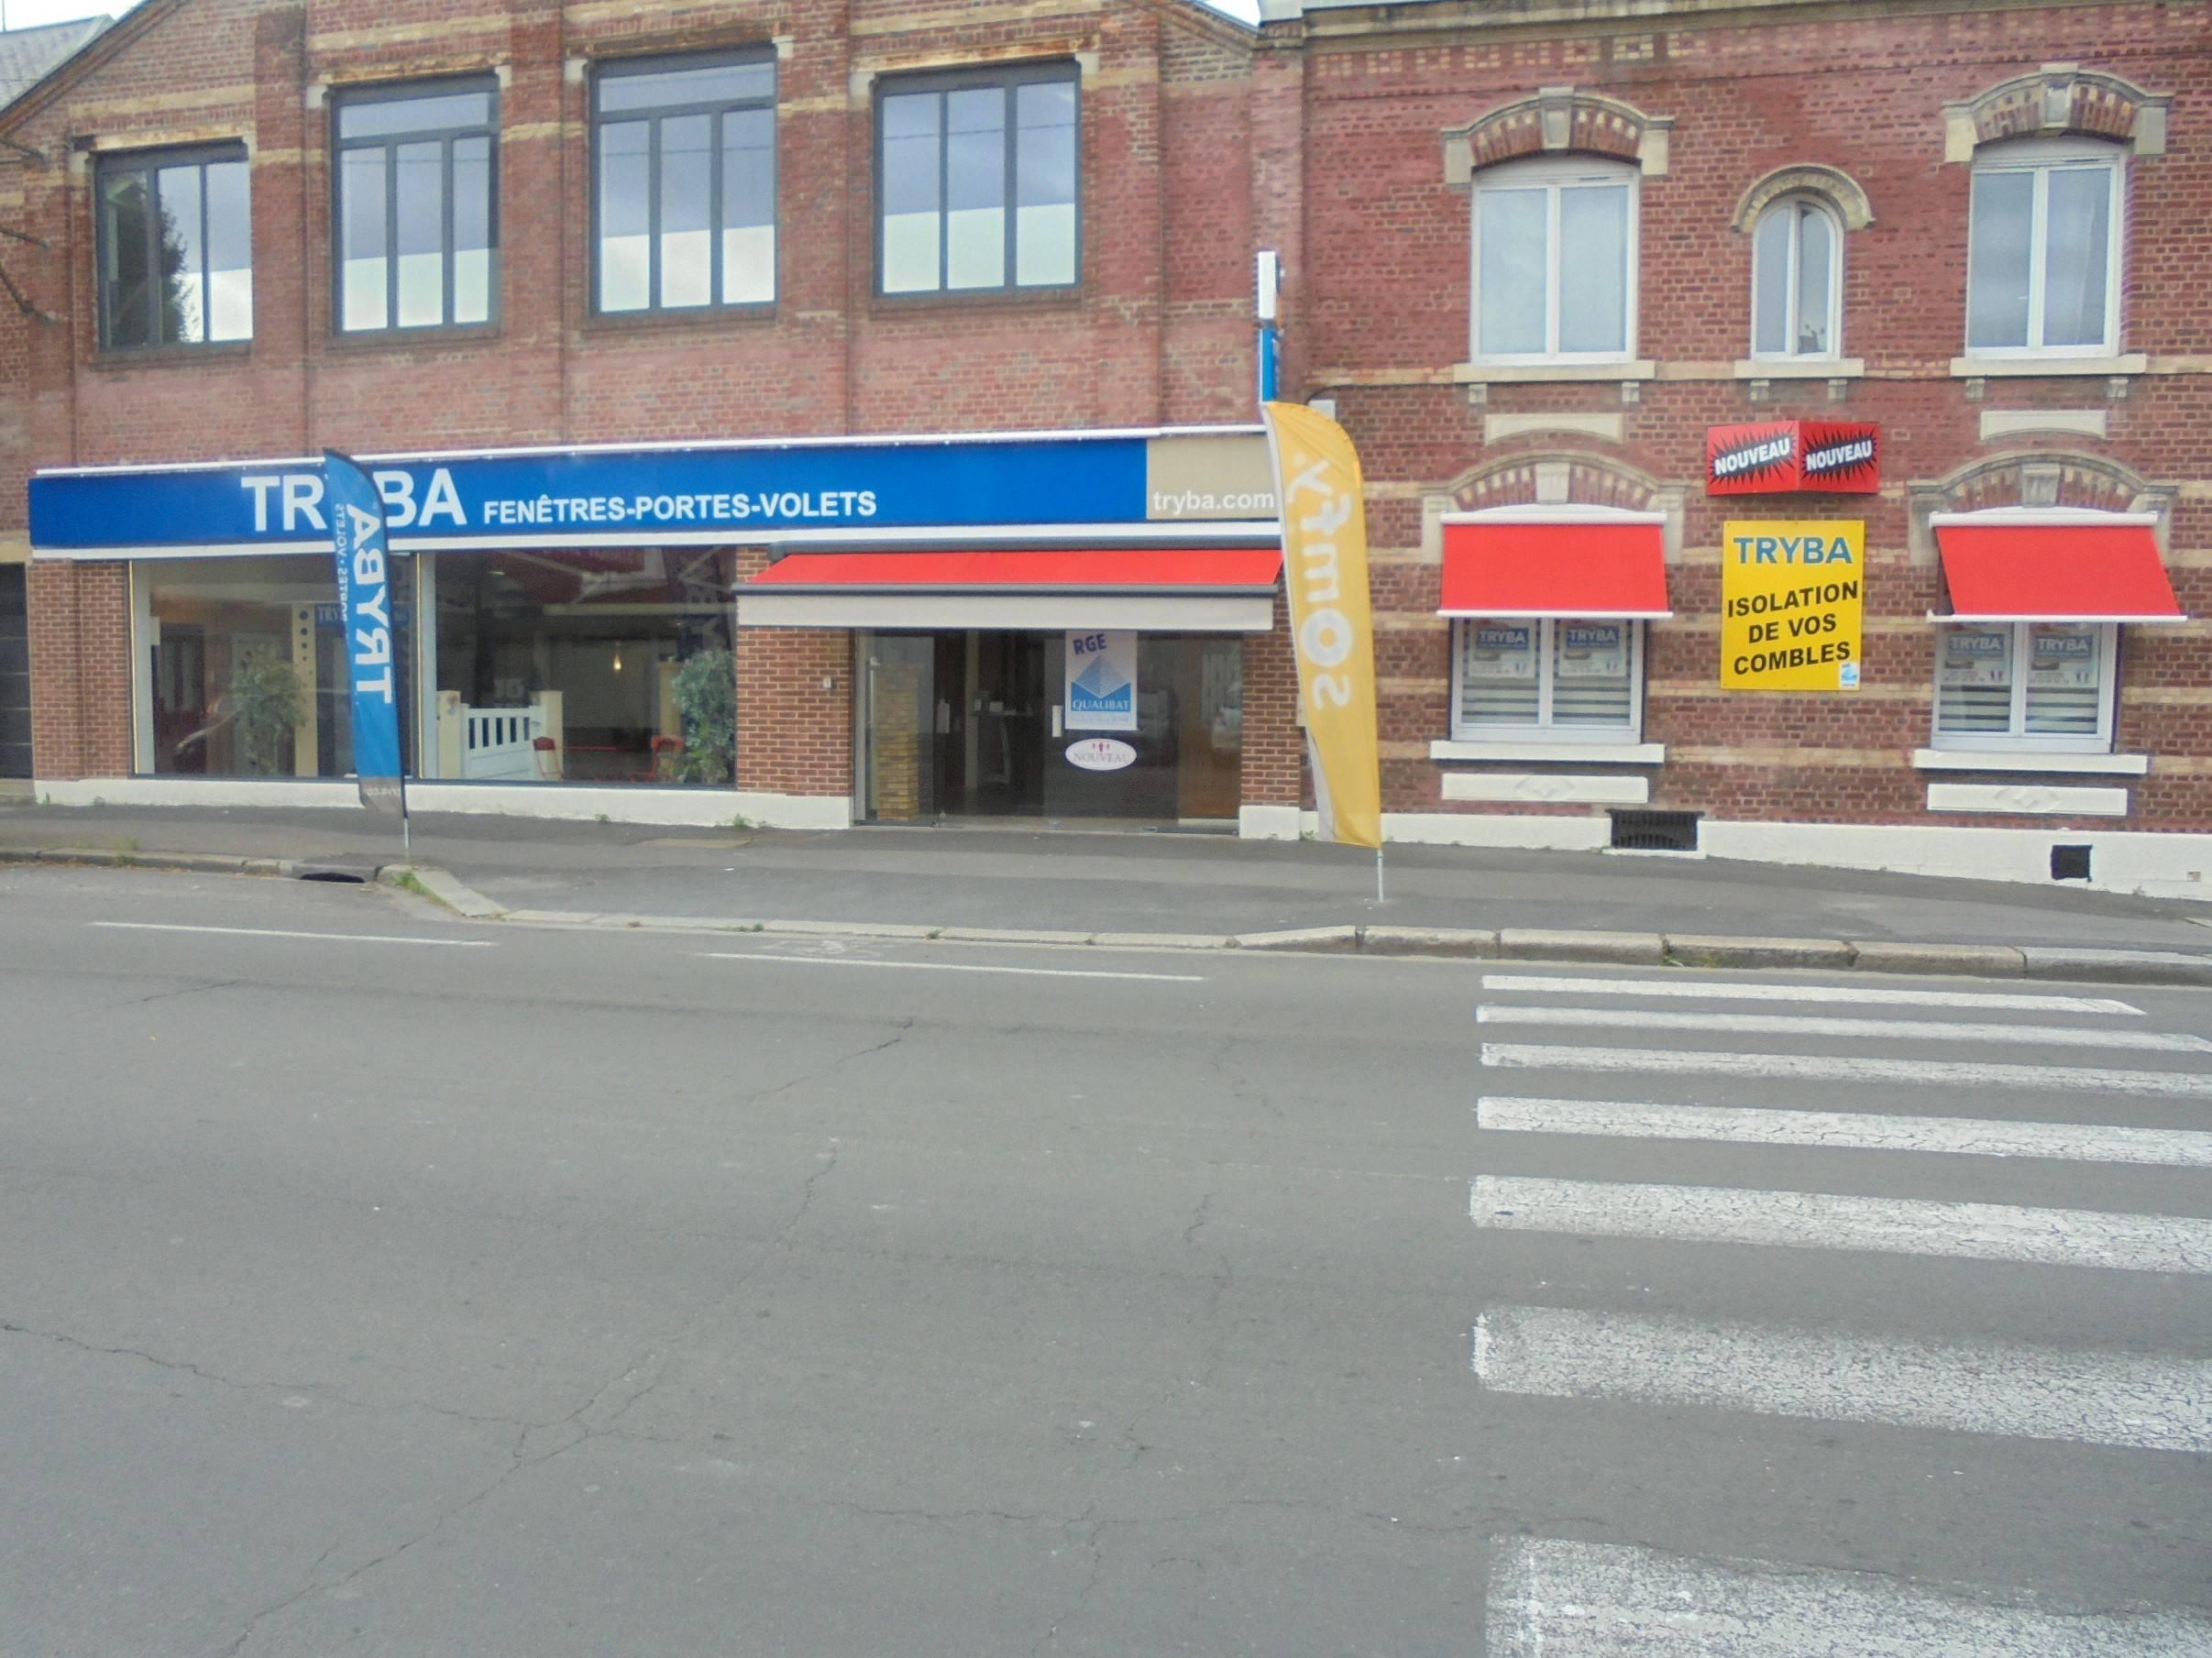 Nettoyer Volet Roulant Vitre Fixe menuiserie saint-quentin : amc fenêtres